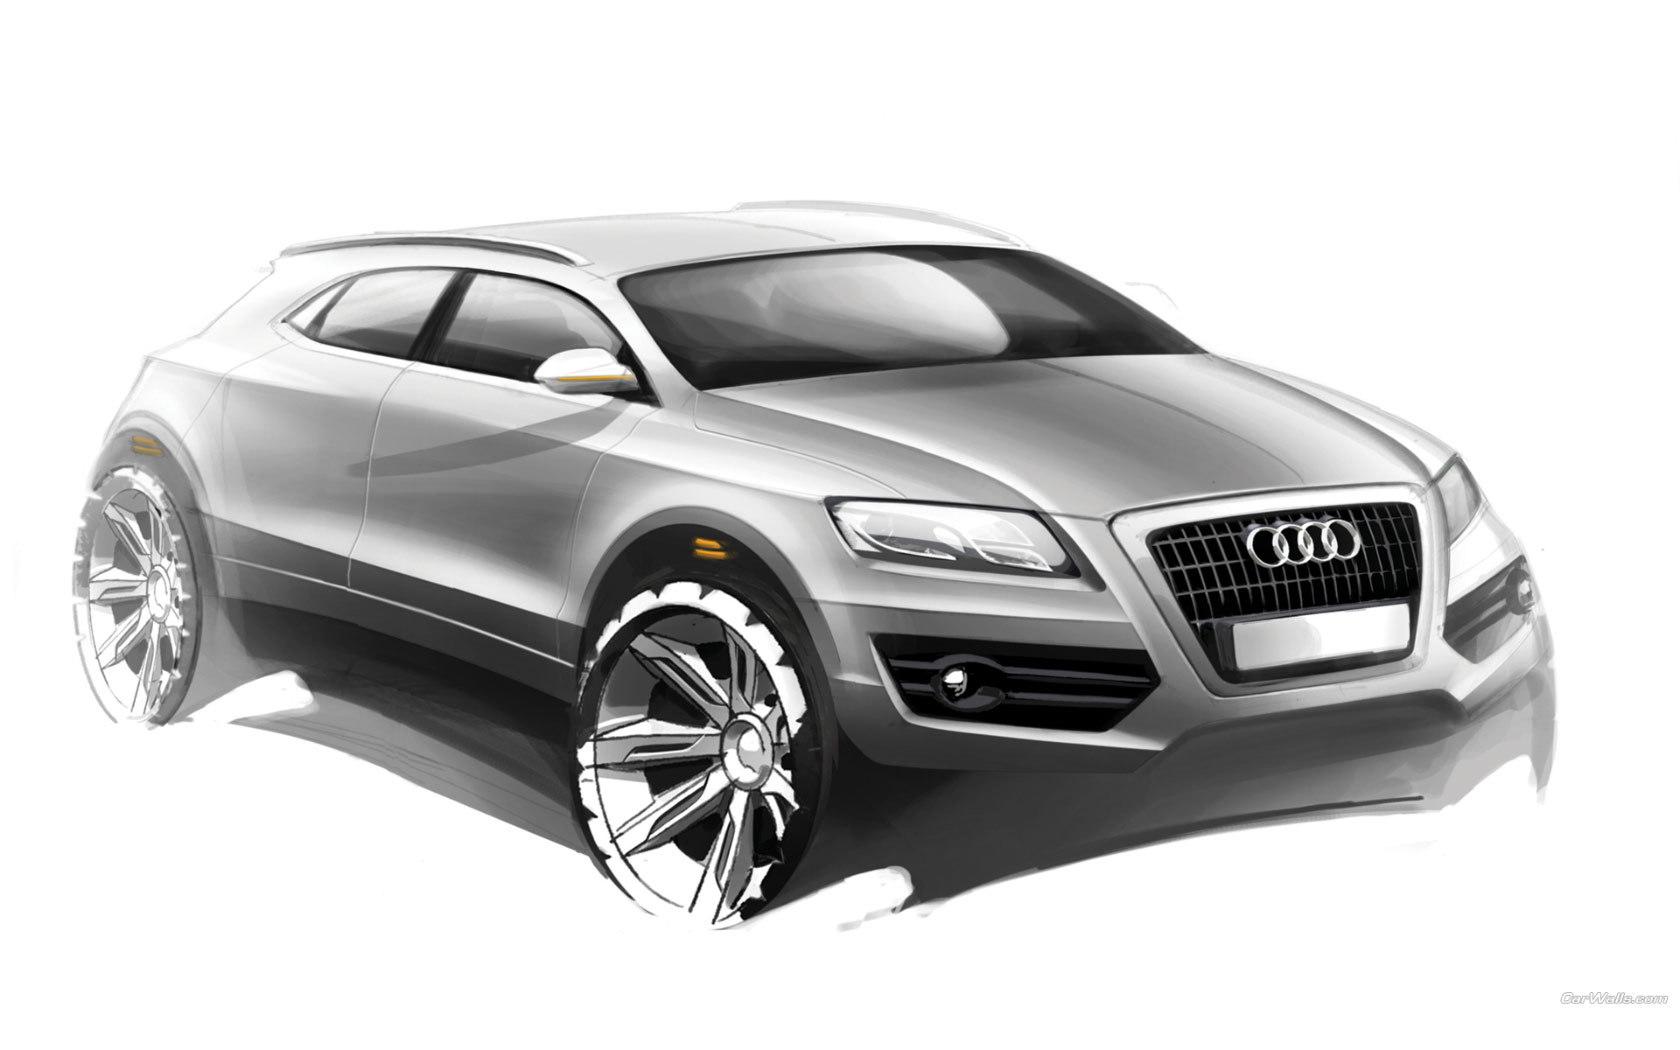 13978 скачать обои Транспорт, Машины, Ауди (Audi), Рисунки - заставки и картинки бесплатно